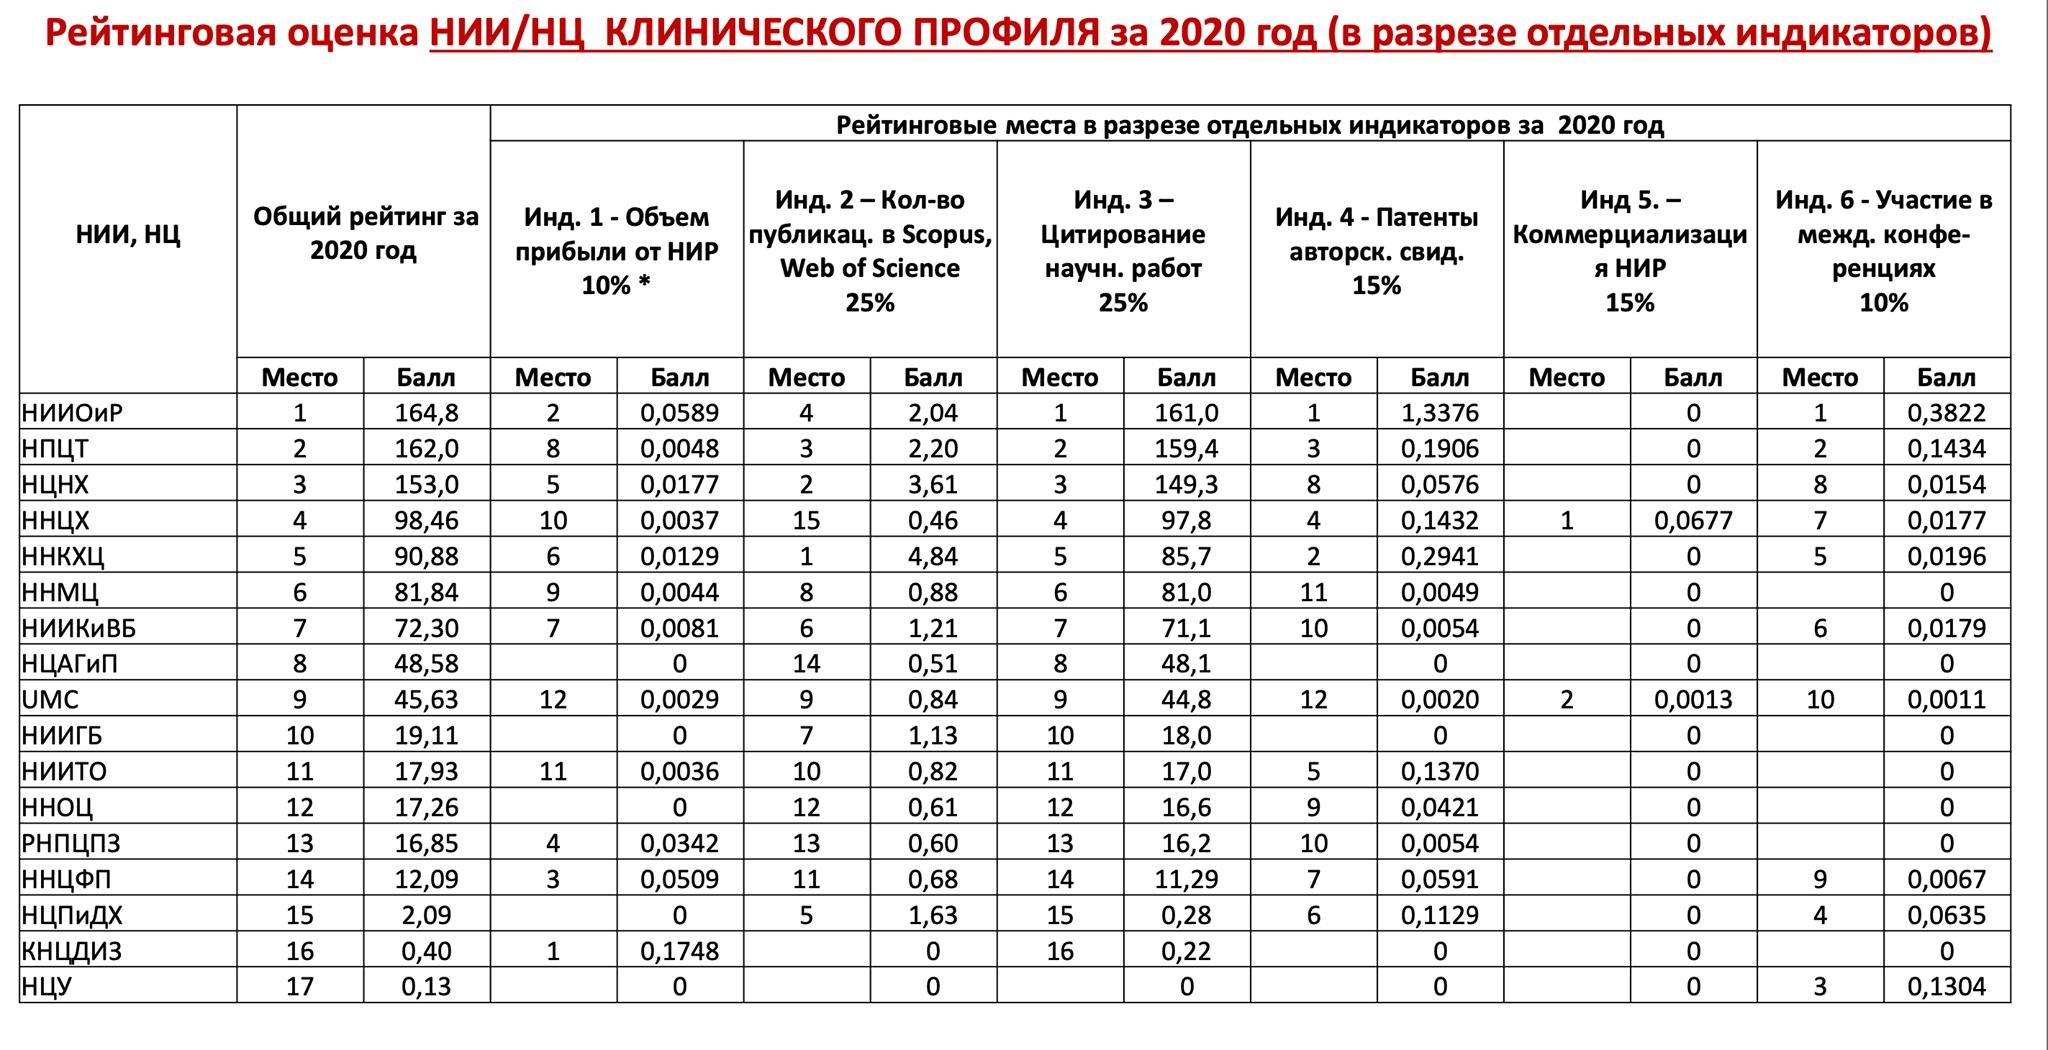 Казахский НИИ онкологии и радиологии занял первое место в рейтинге научных медицинских НИИ и НЦ клинического профиля за 2020 год!